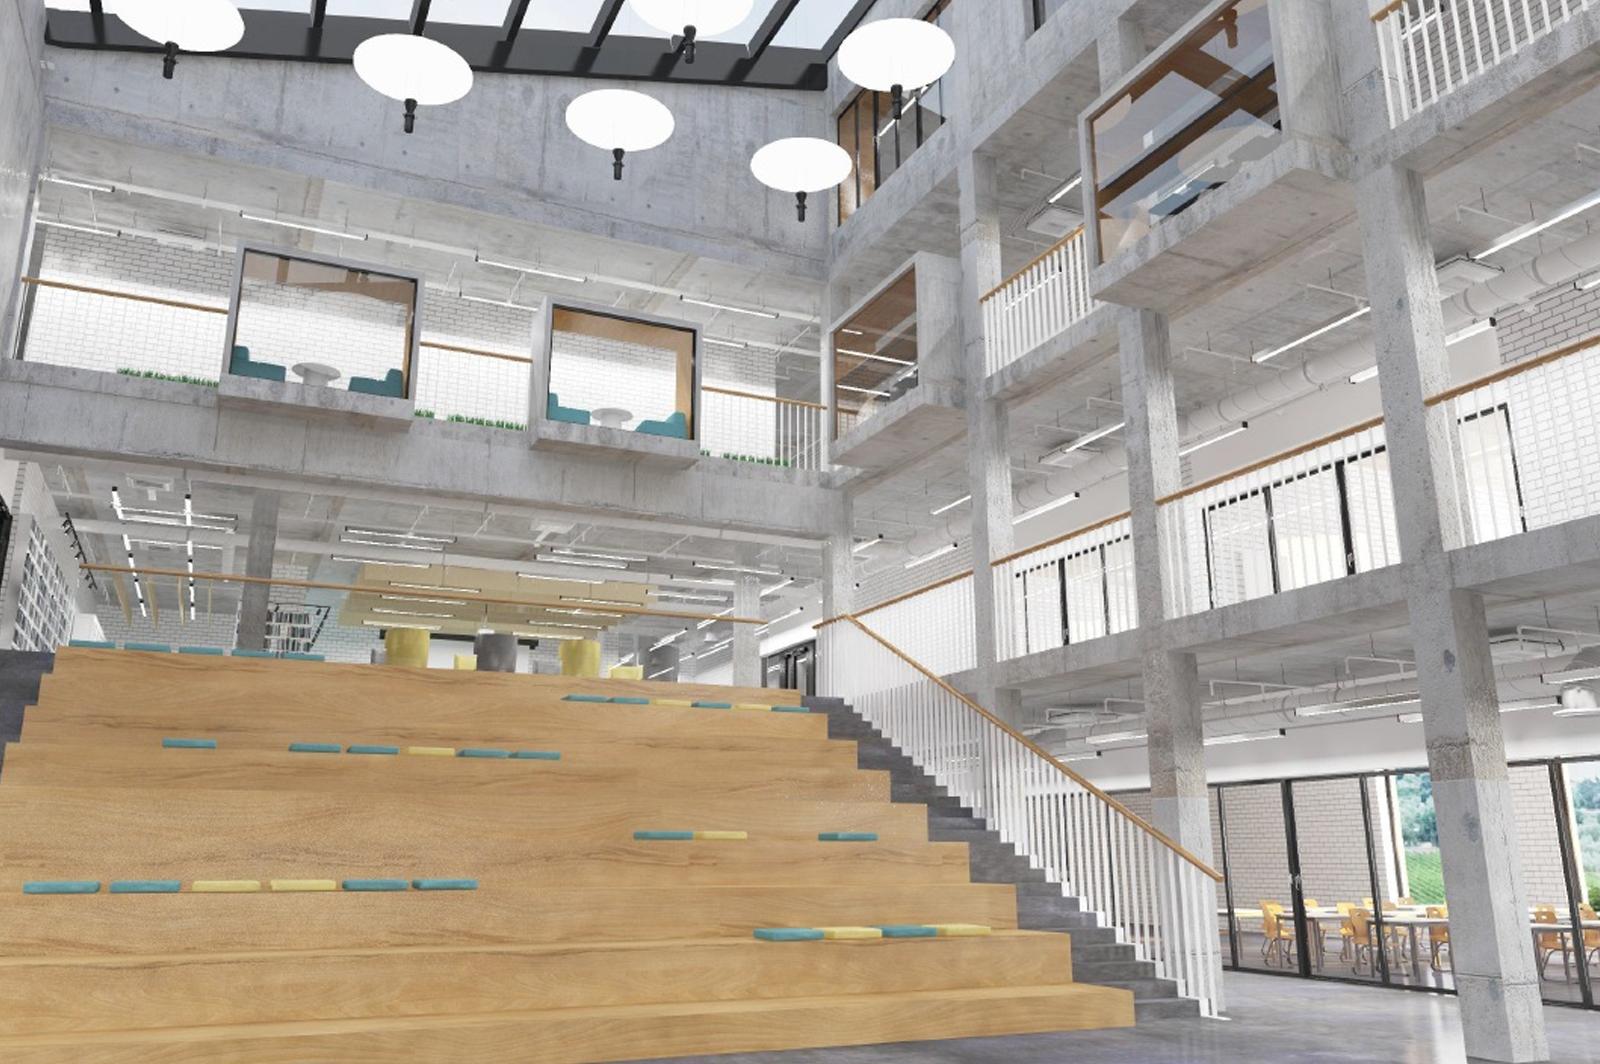 Образовательный центр с амфитеатром построят в Коммунарке